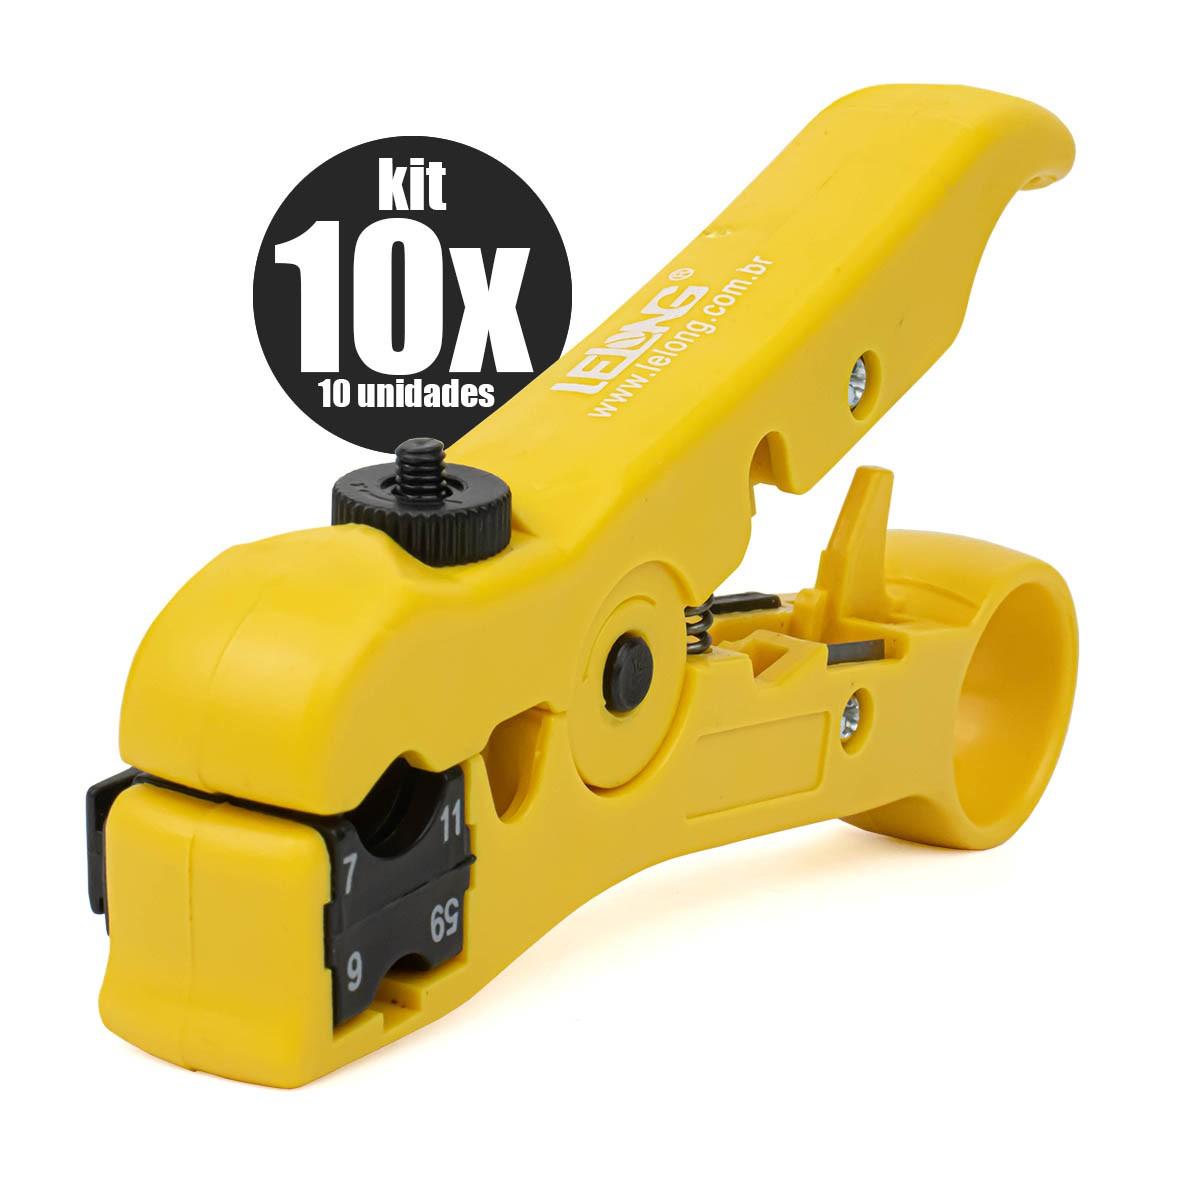 KIT 10x Alicate Desencapador Universal de Fios e Cabos UTP/STP-RG59/6/7/11 Lelong LE-949